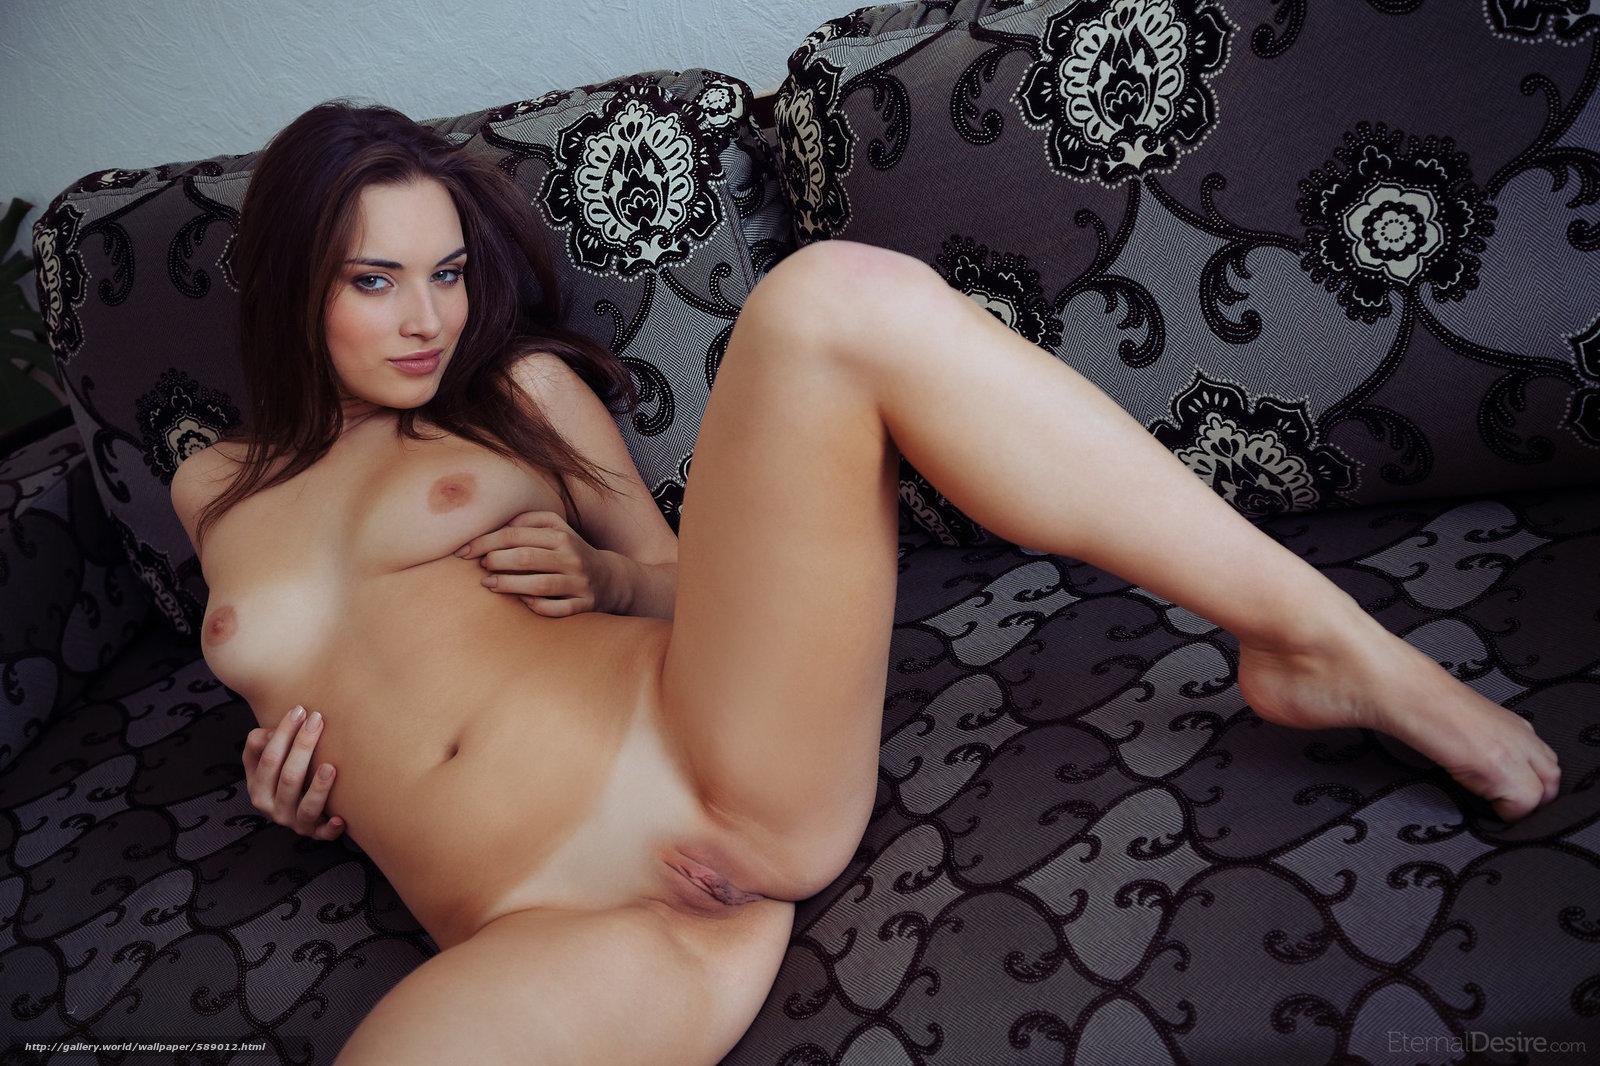 eroticheskoe-foto-natali